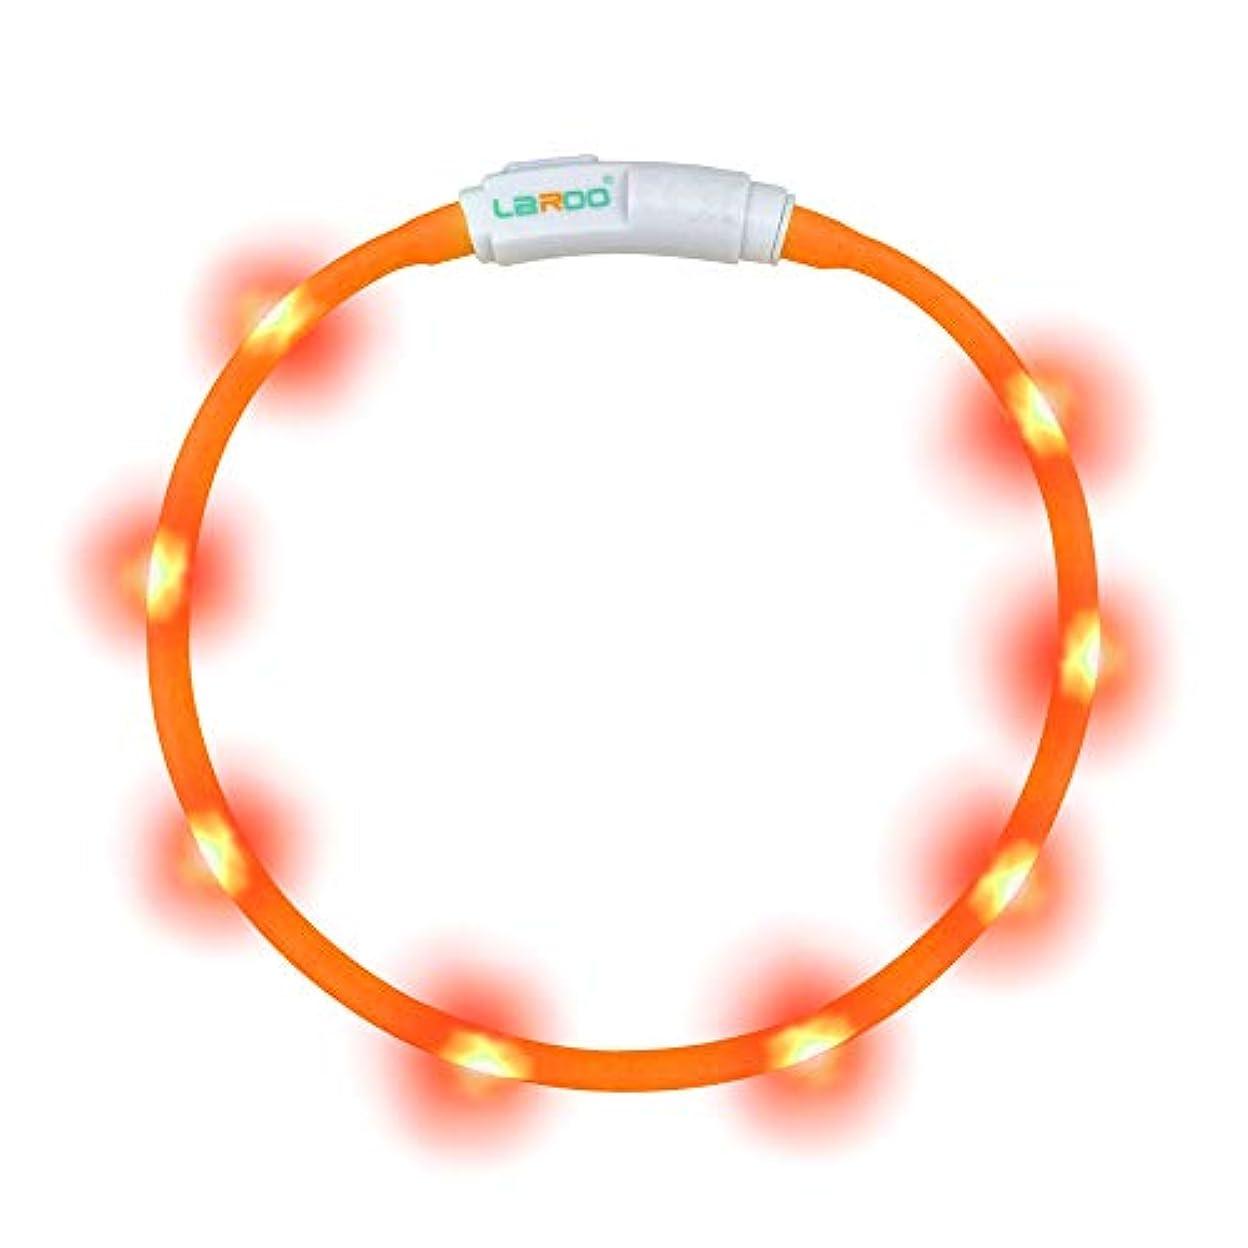 ラウズ大通りカフェLaRoo-LED光る首輪 犬猫用長さ可調節-軽量USB充電式夜道の安全 発光首輪 -3モード発光 お散歩安全対策 視認性抜群(45cmオレンジ色)